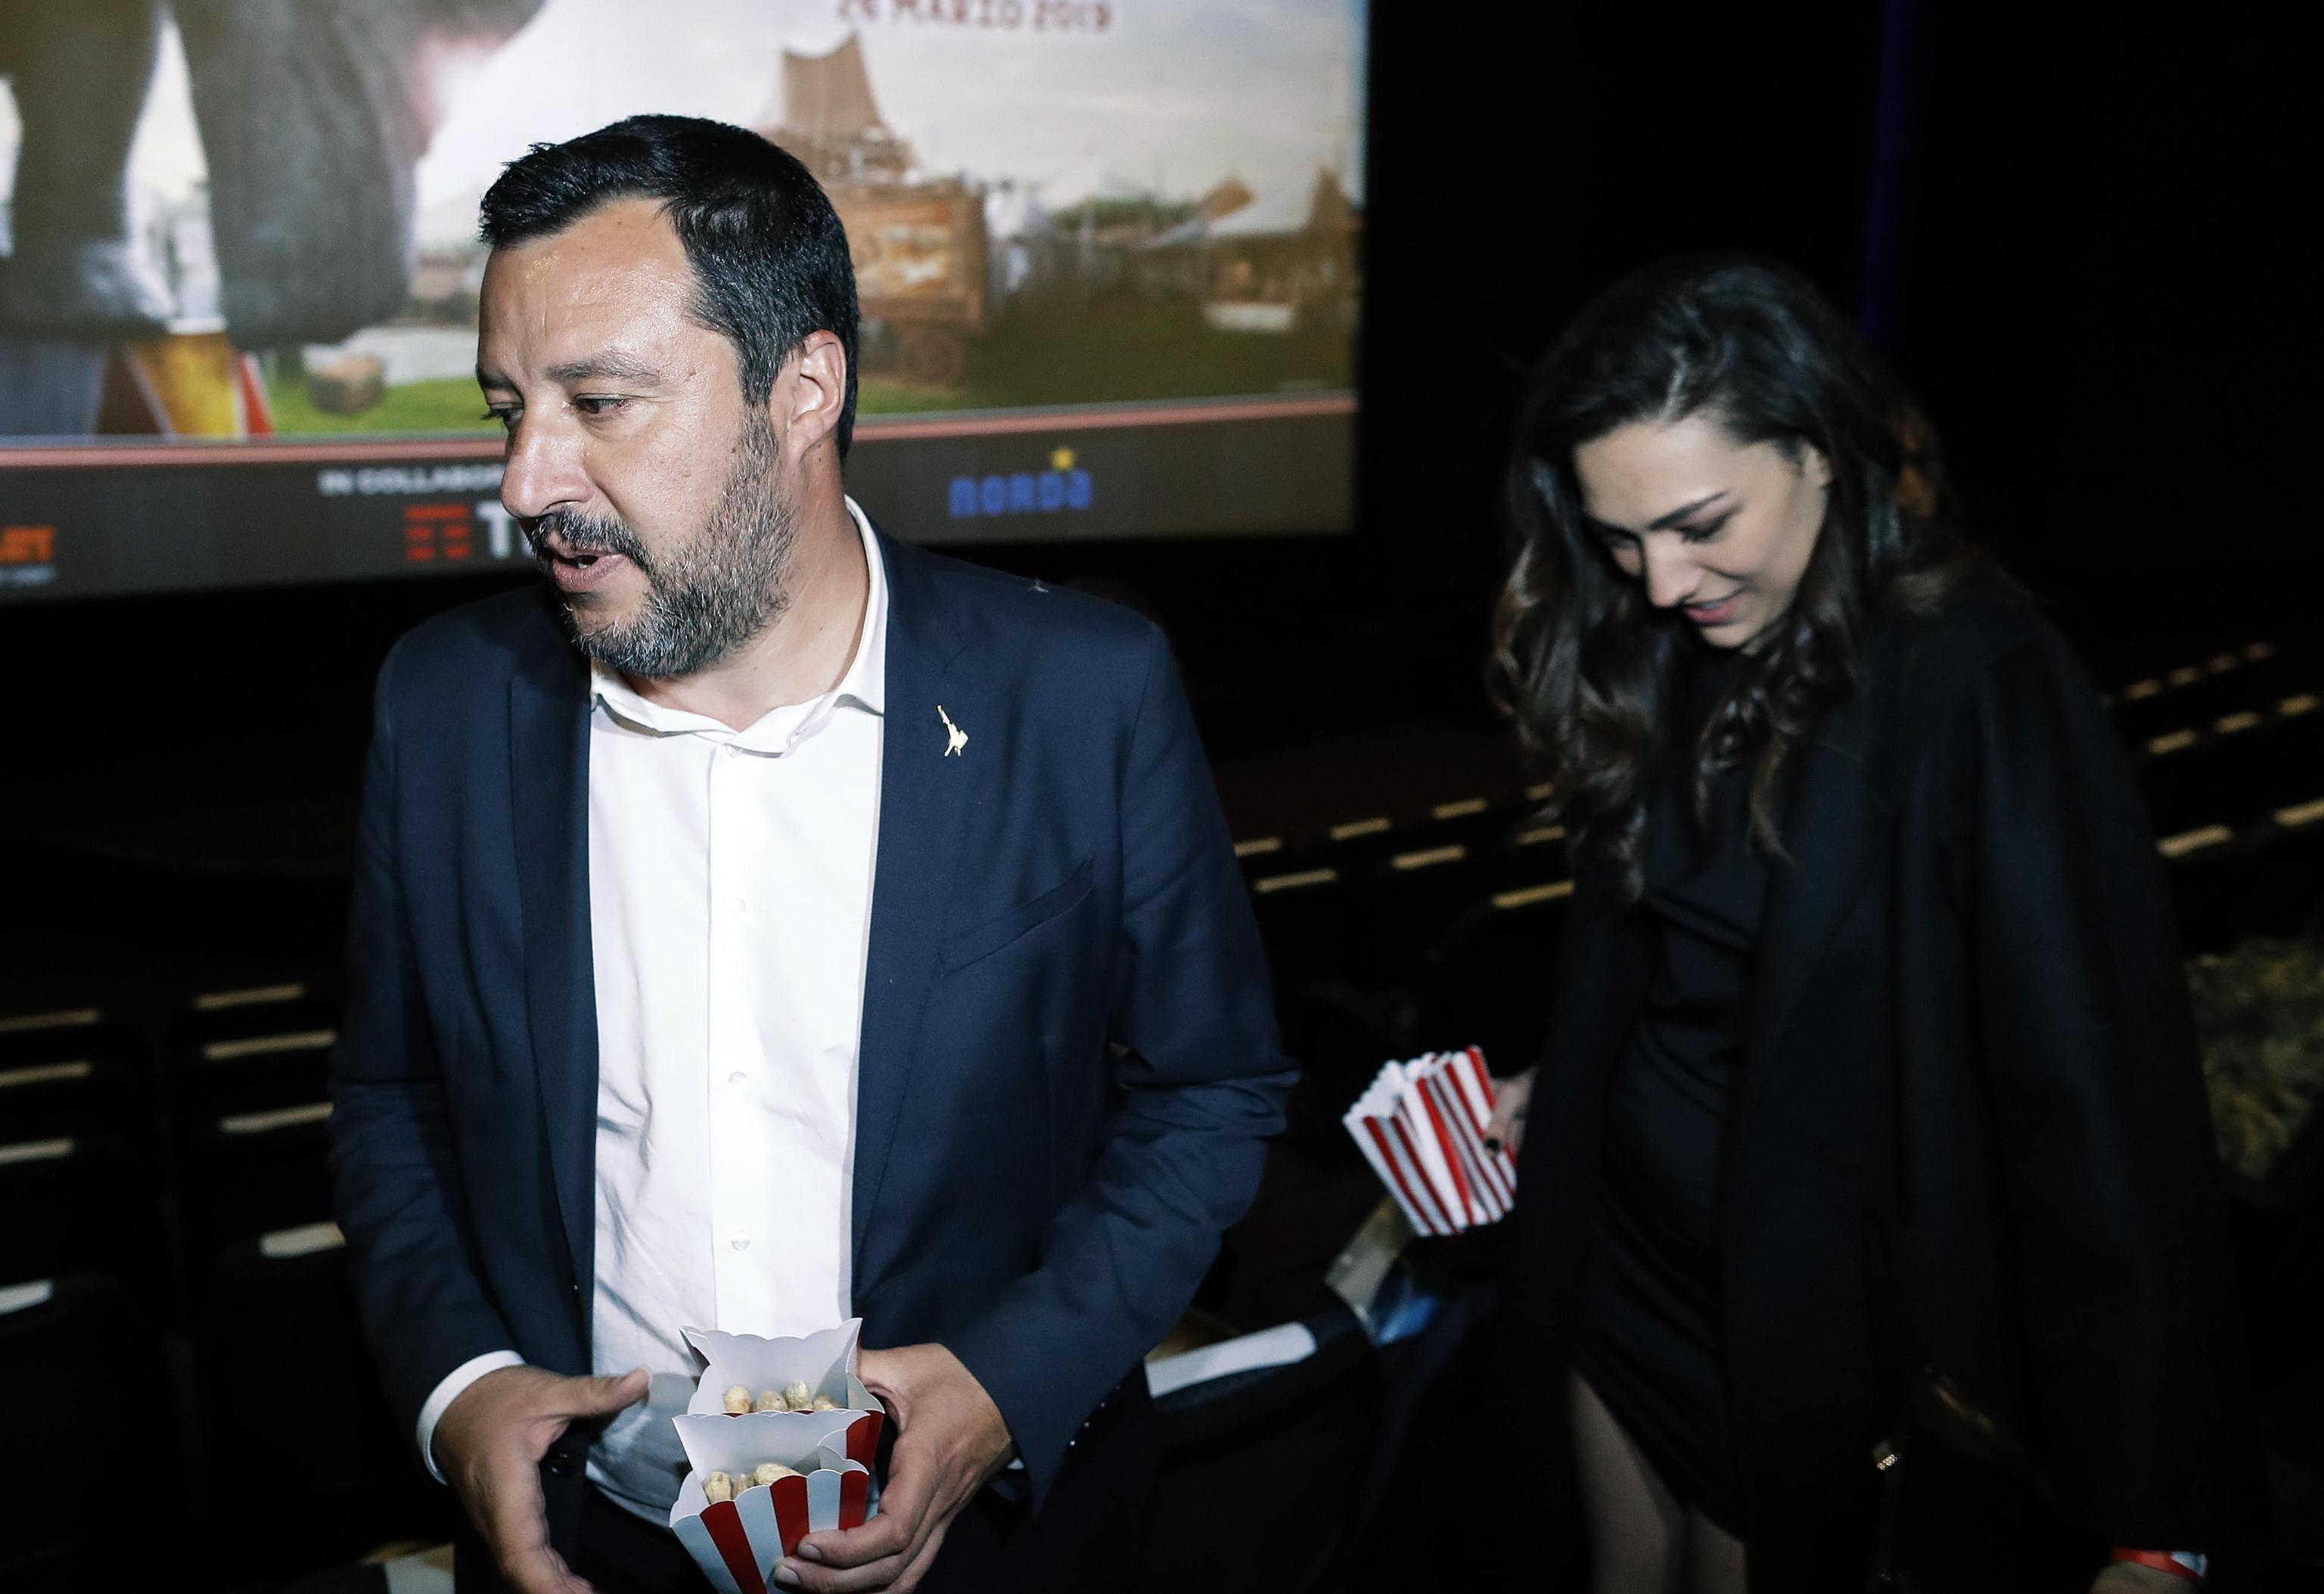 Salvini, Prima Uscita Pubblica Con La Nuova Fidanzata